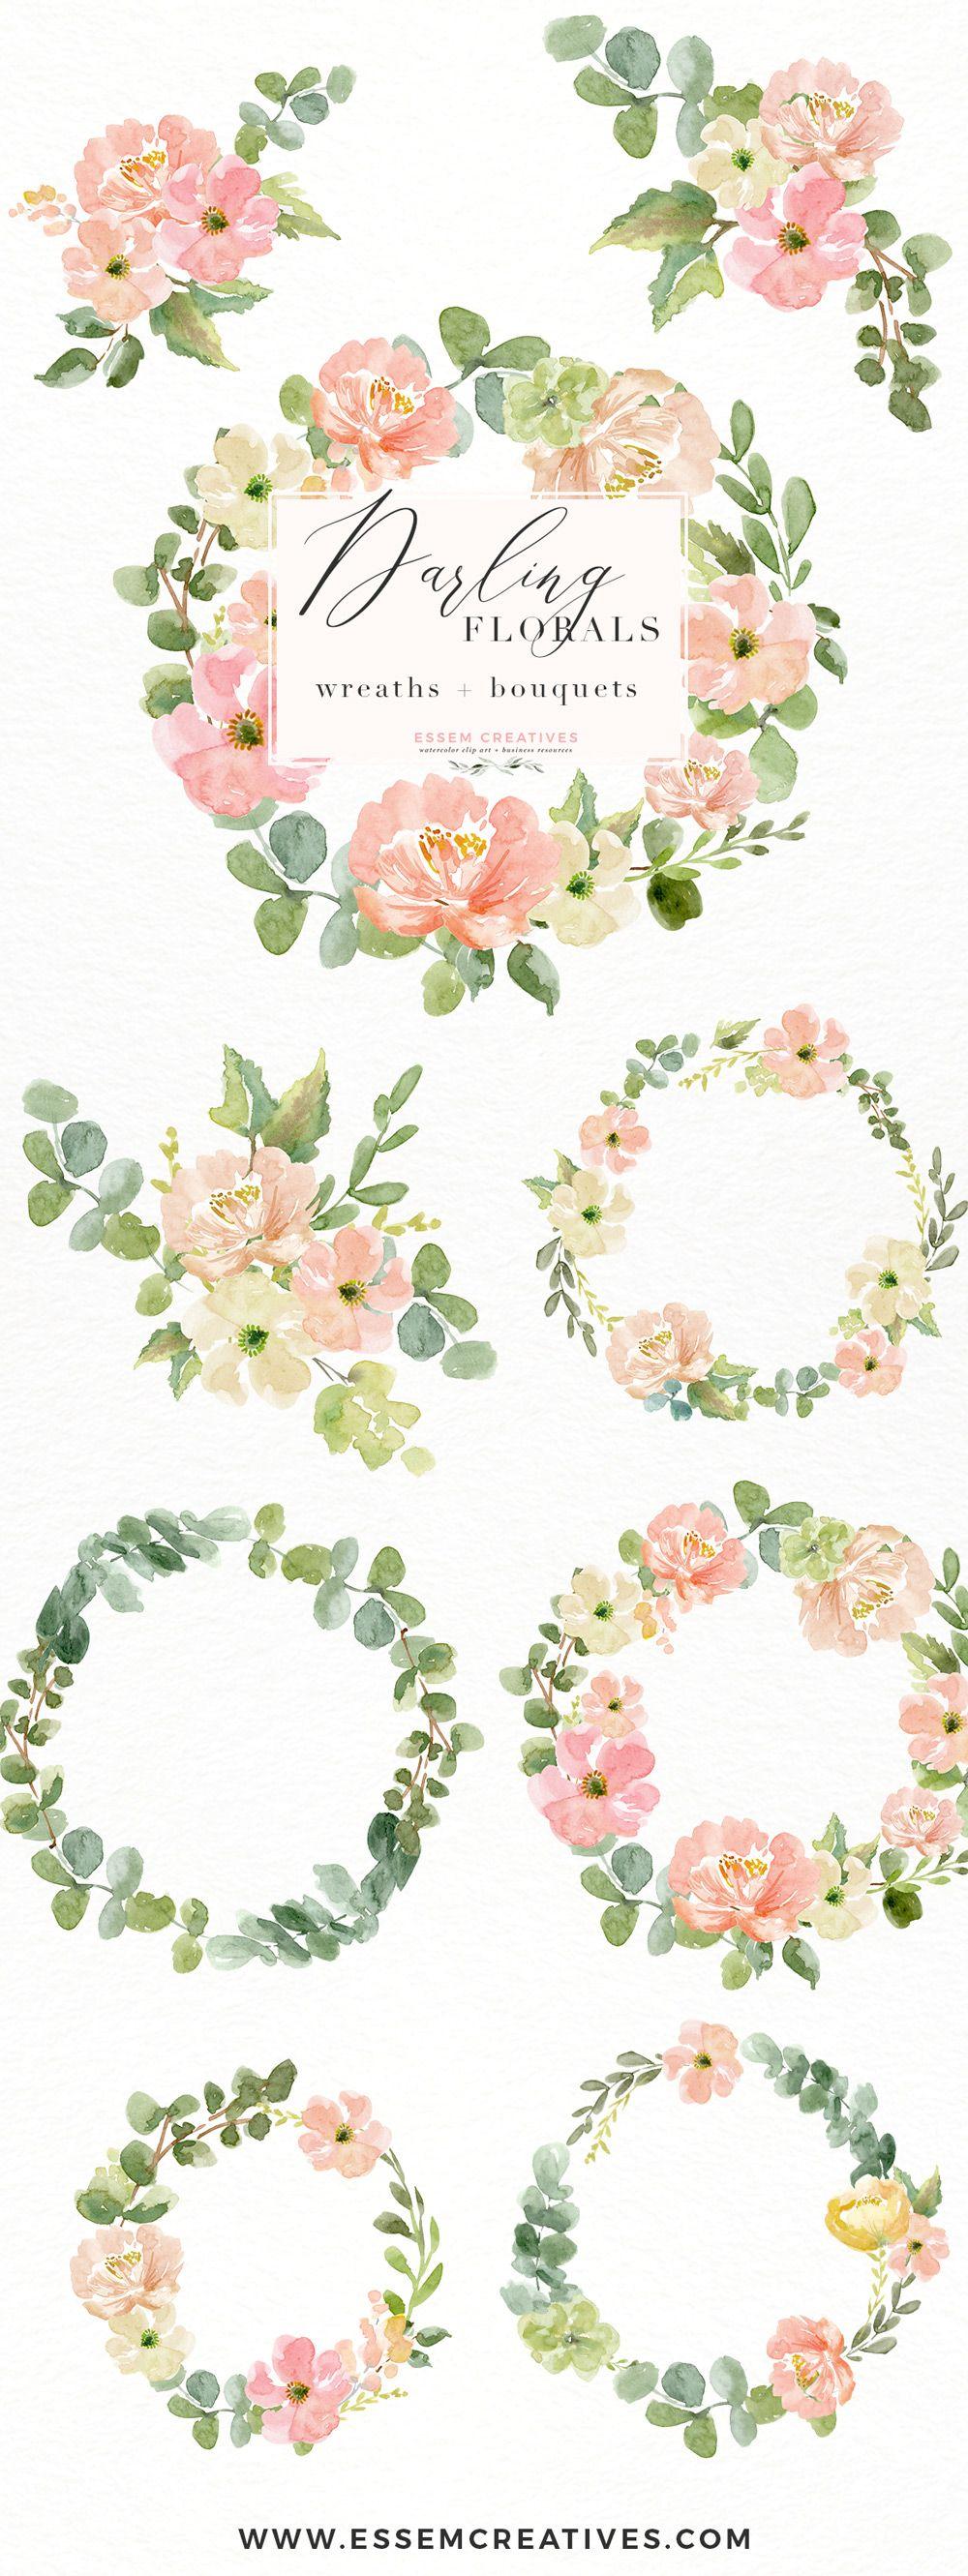 Watercolor Wreath Png Clipart Watercolor Flowers Bouquet Background Floral Wreath Png Essem Creatives Blumen Aquarell Aquarell Blumen Illustration Blume